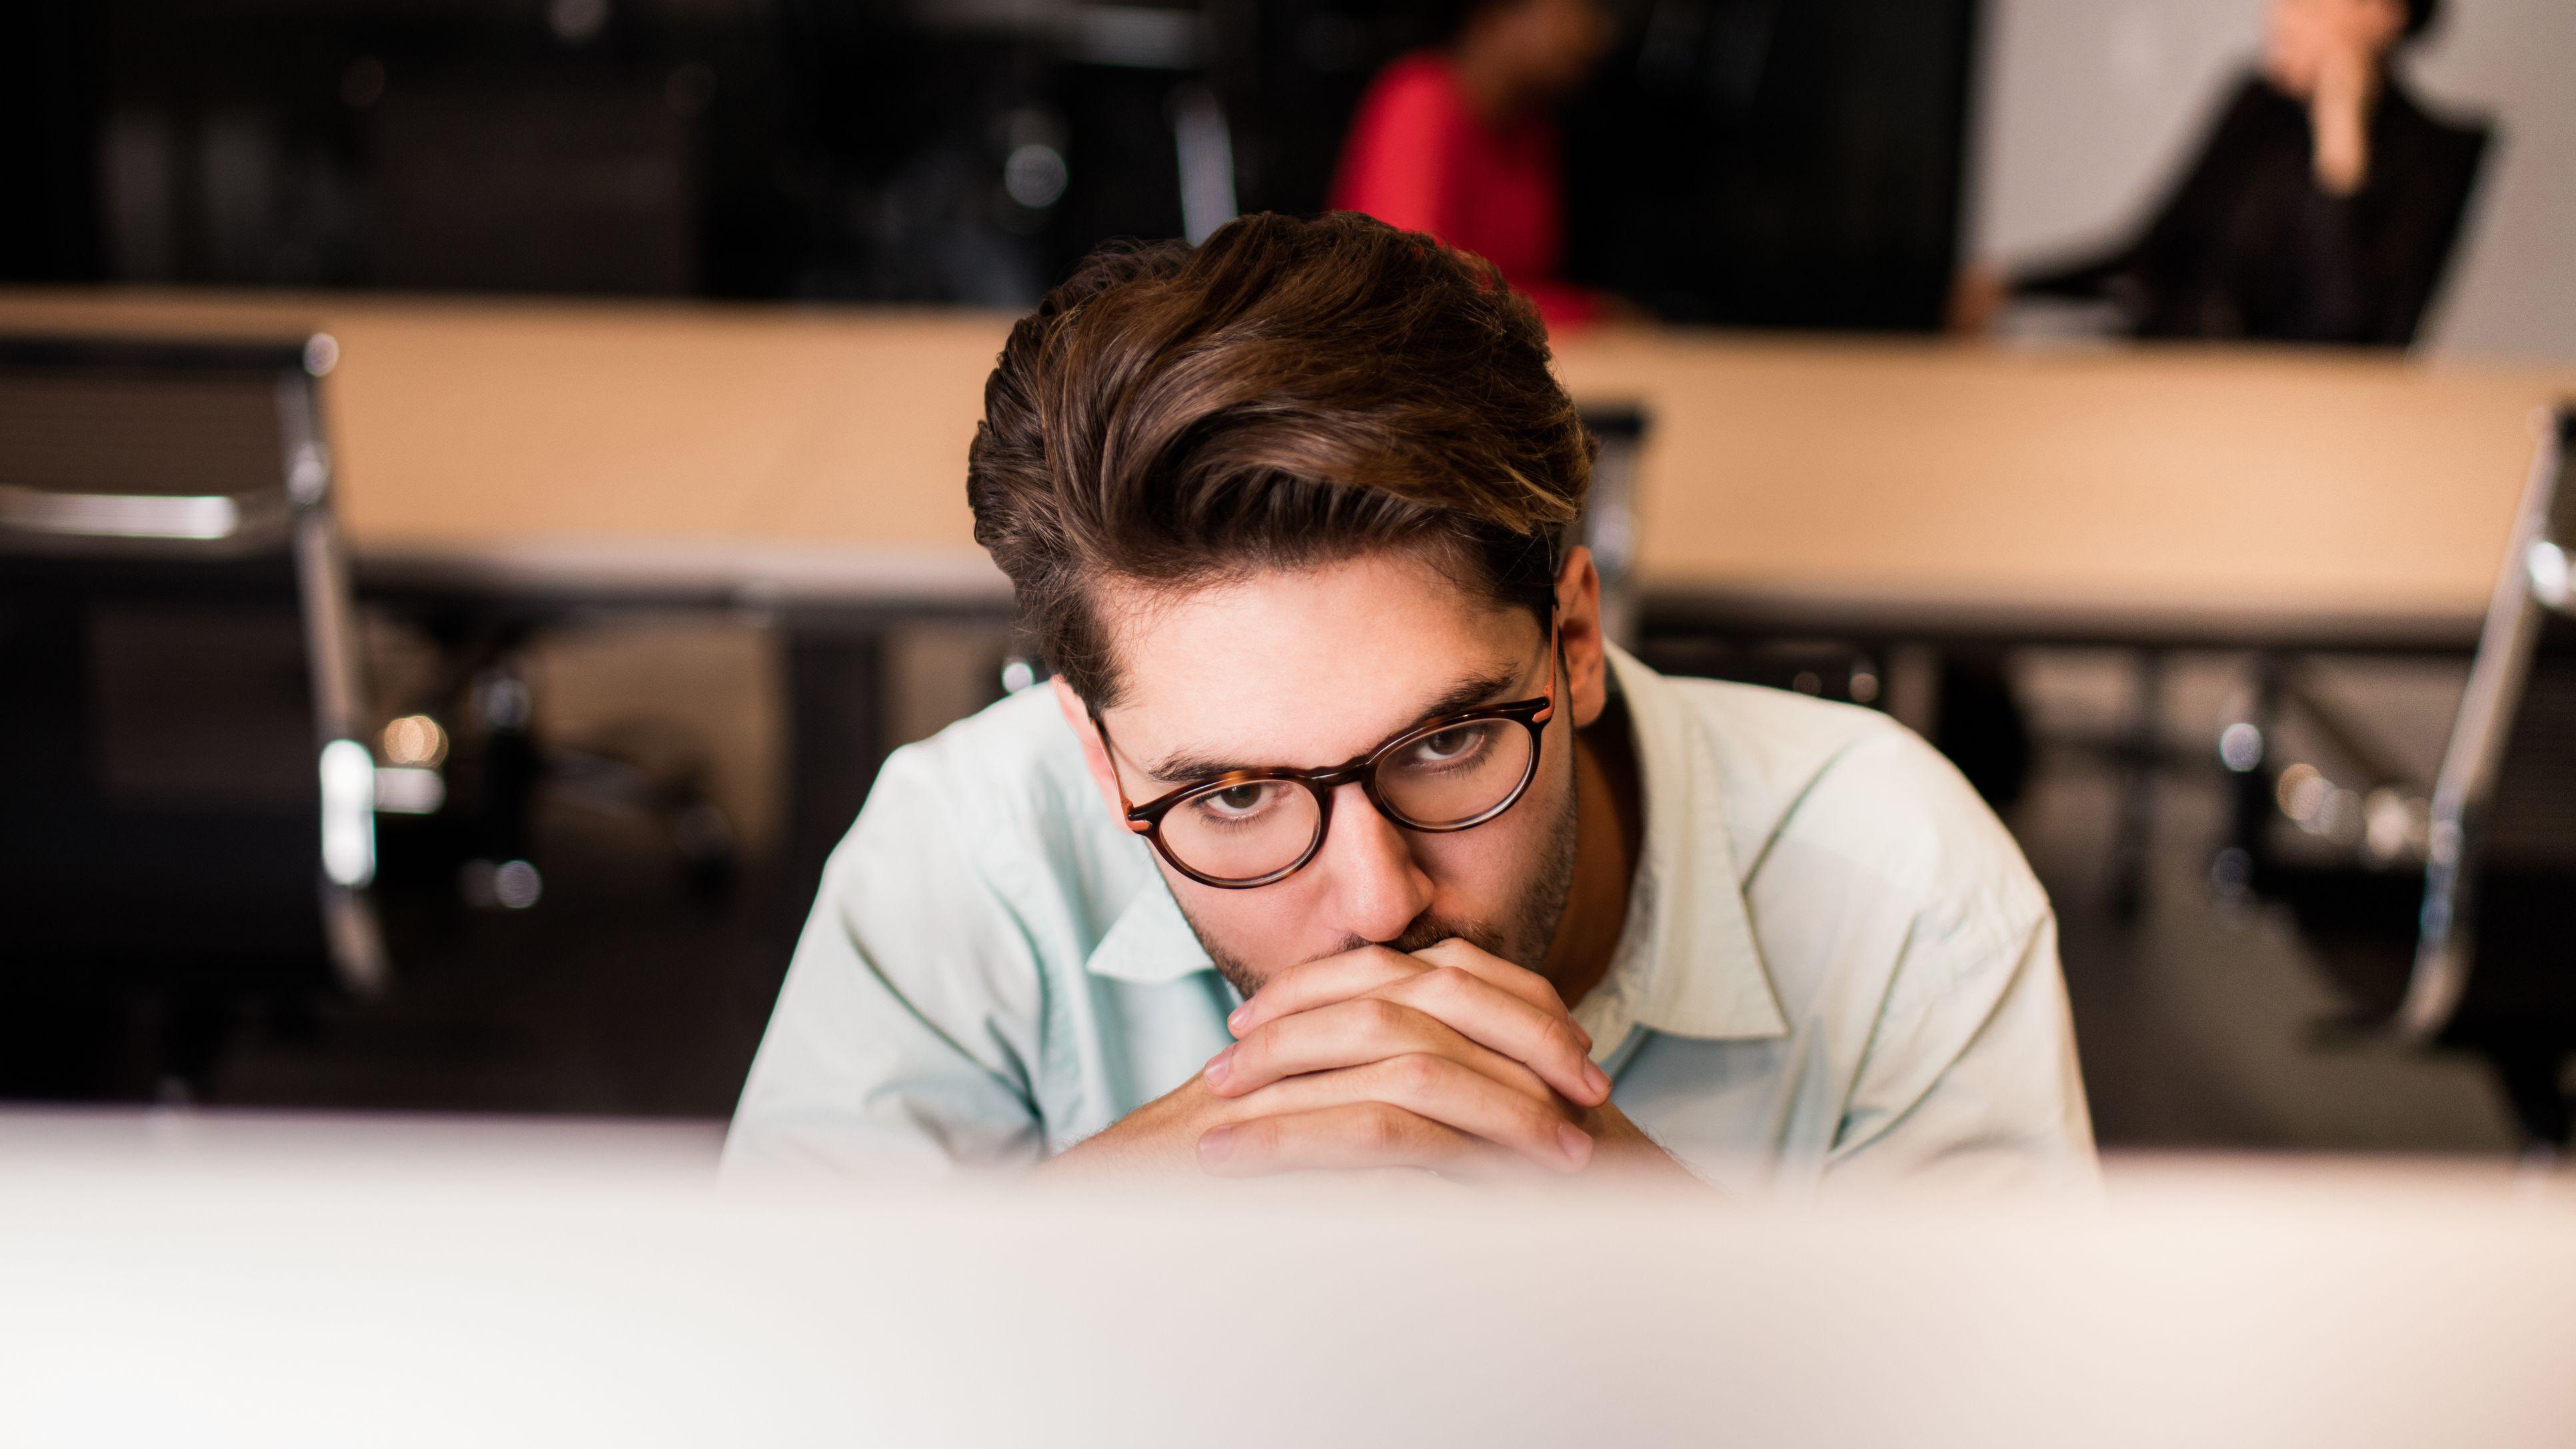 افسردگی در پریود آقایان